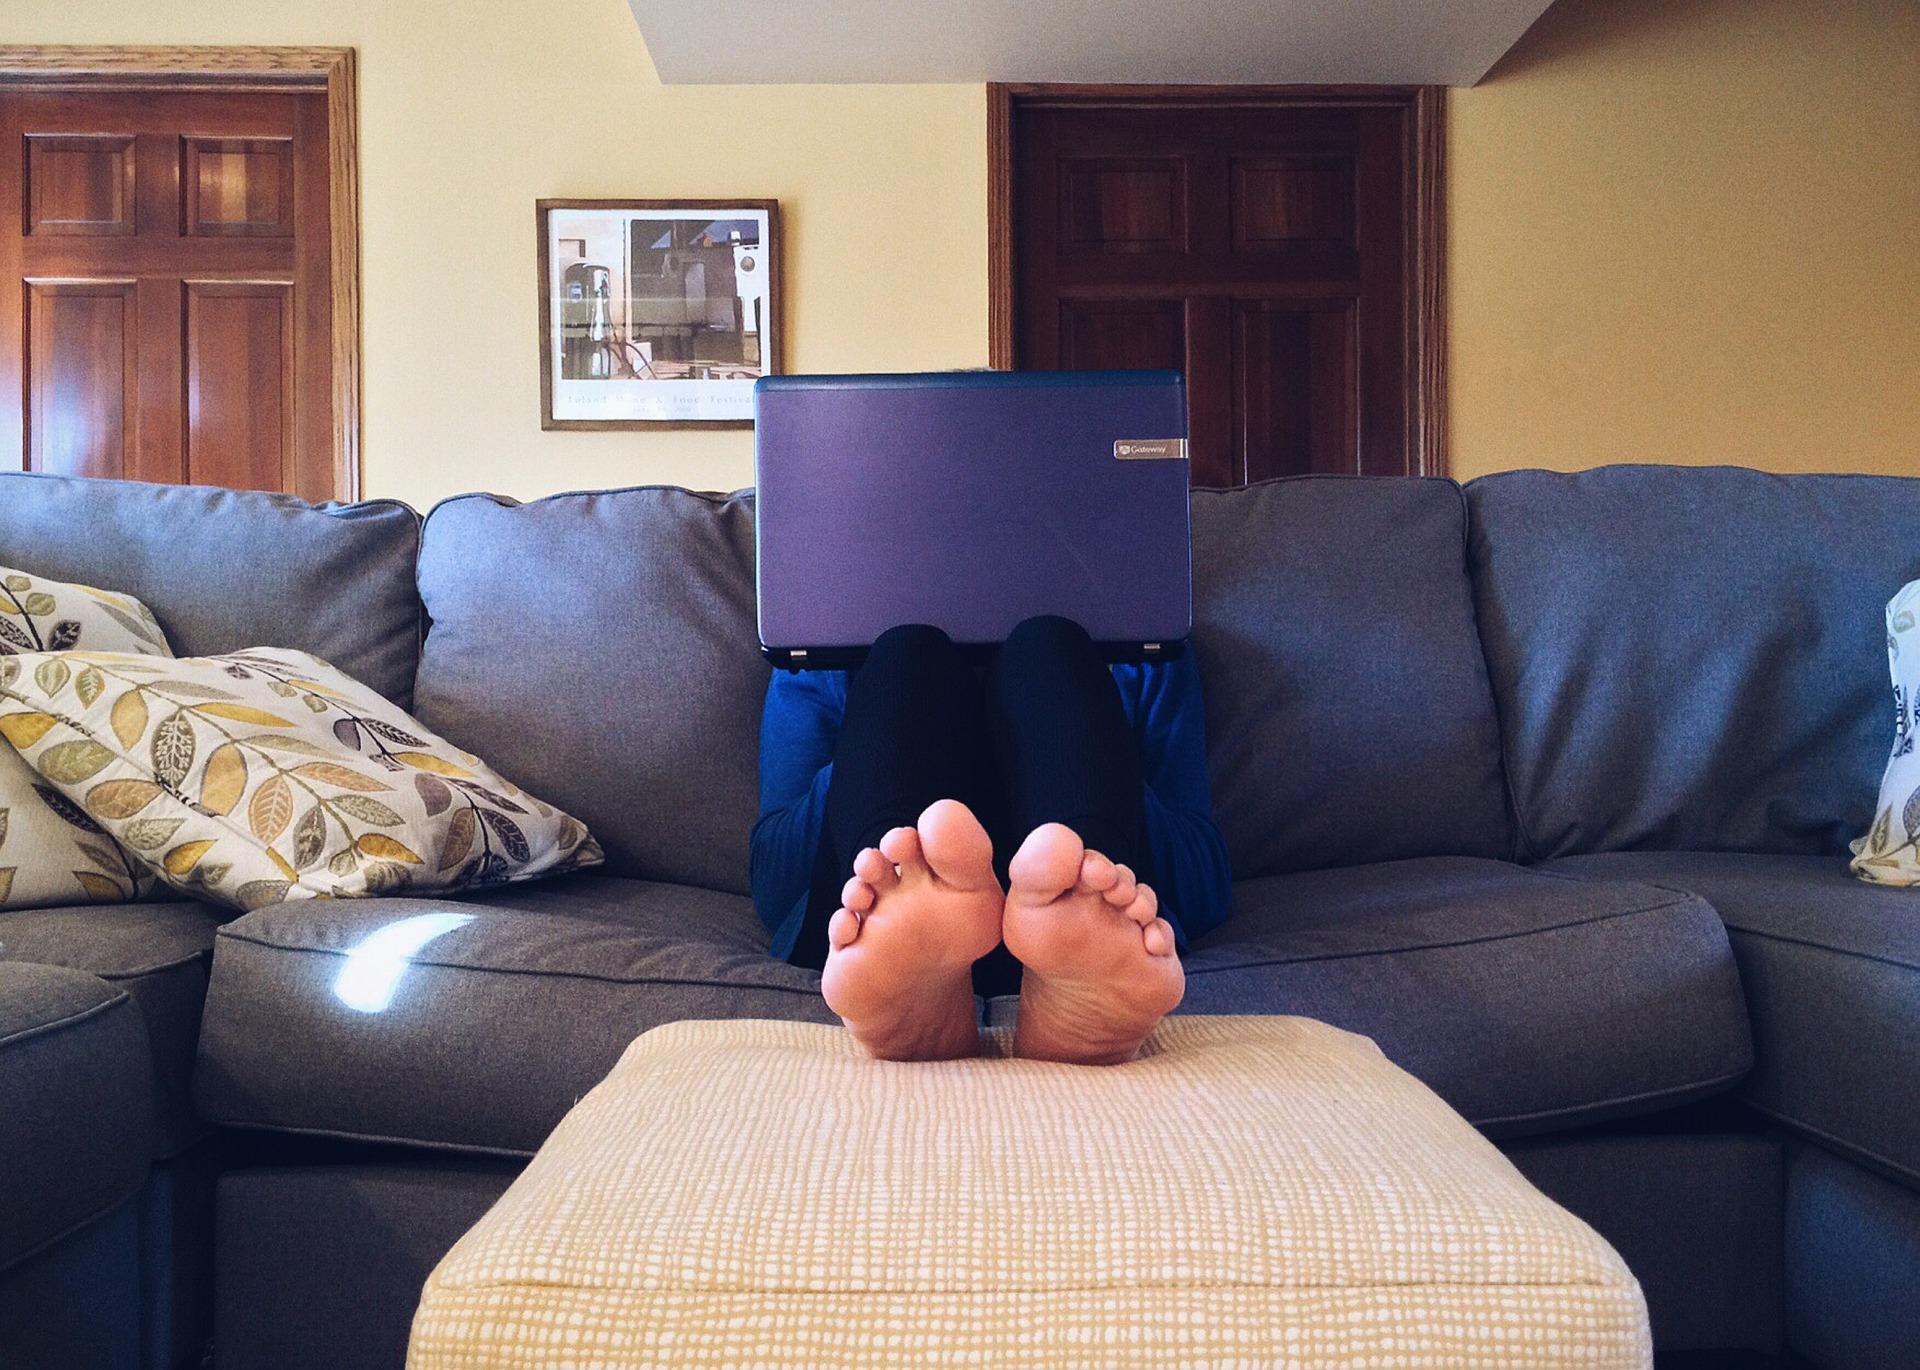 Rapaz sentado no sofá - Hábito de sucesso